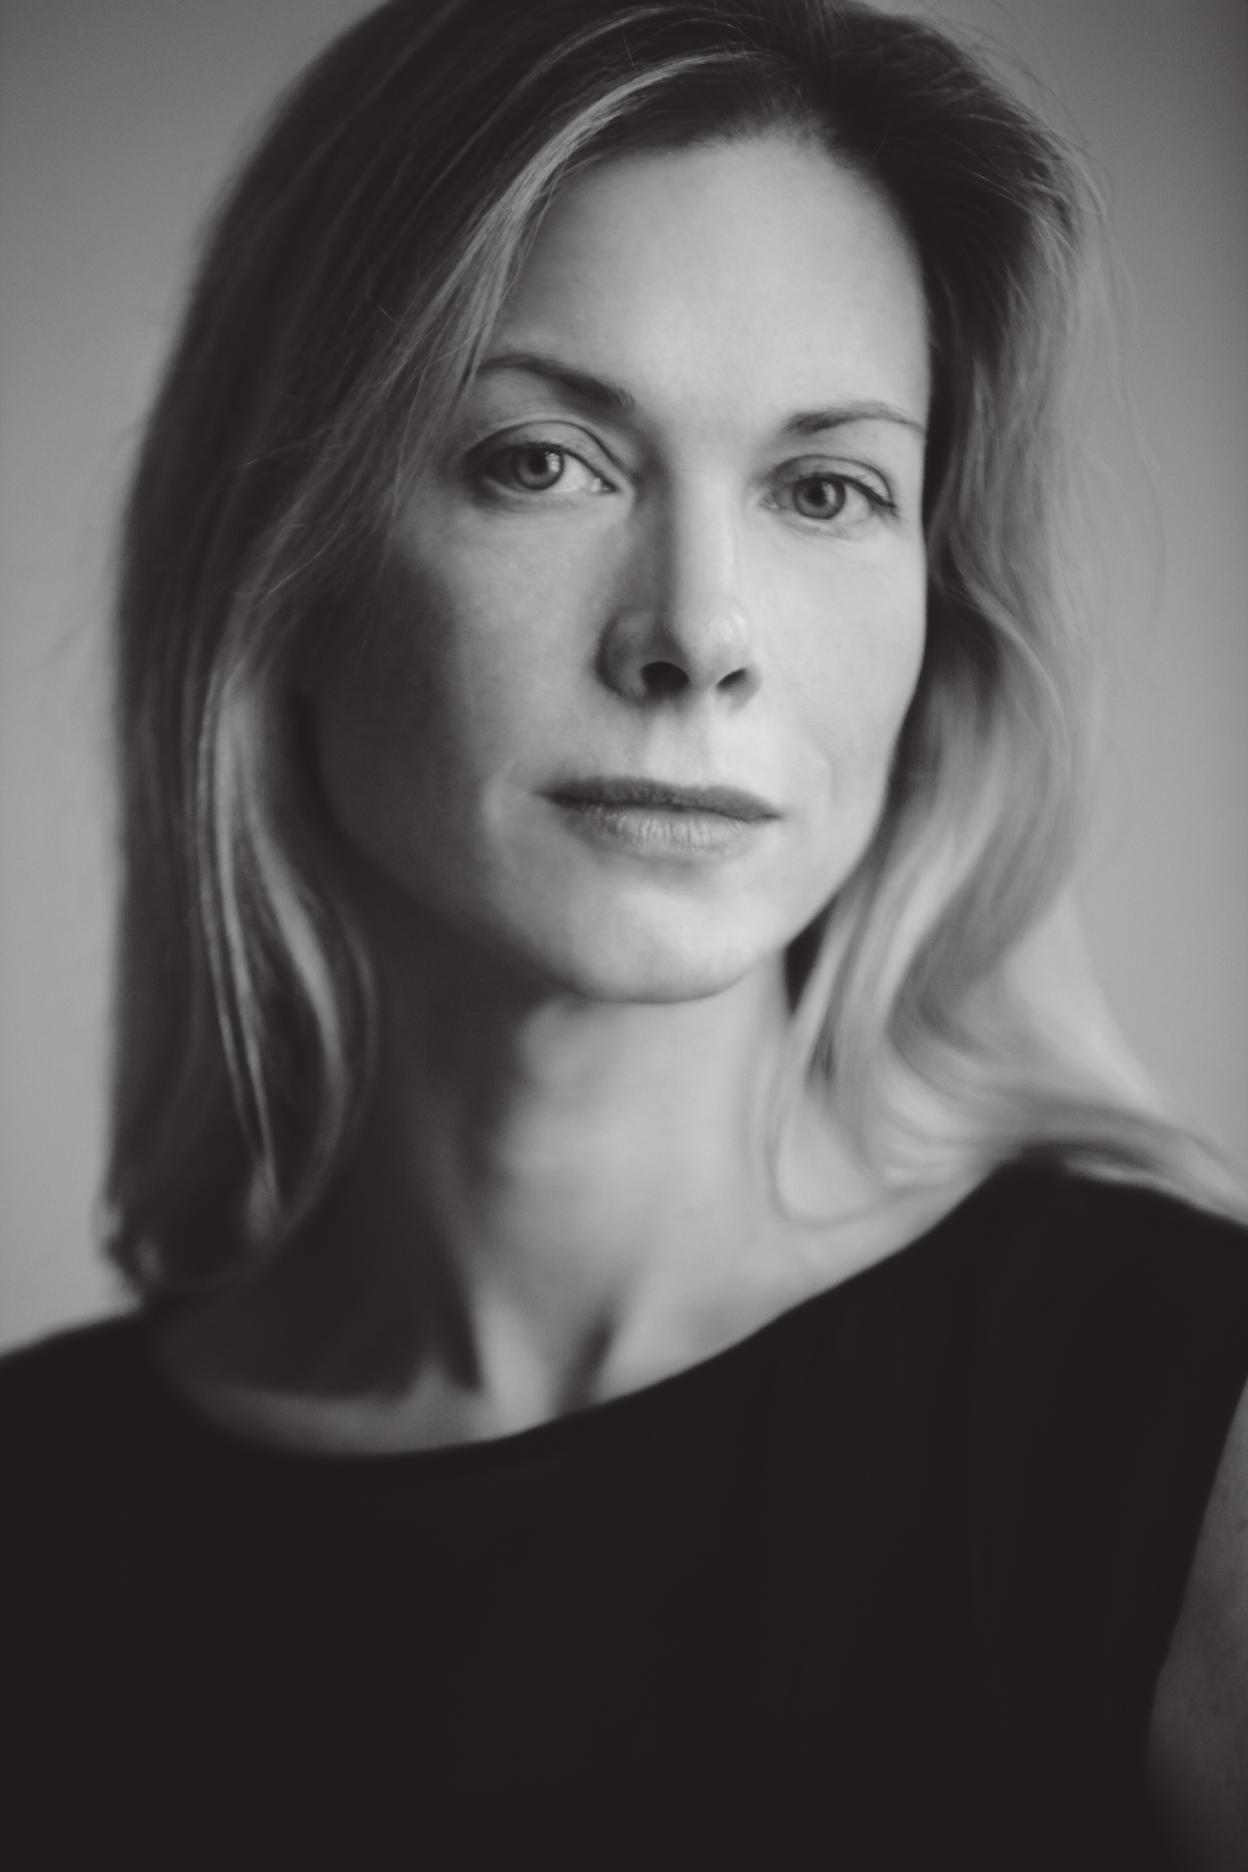 Andrea Steele